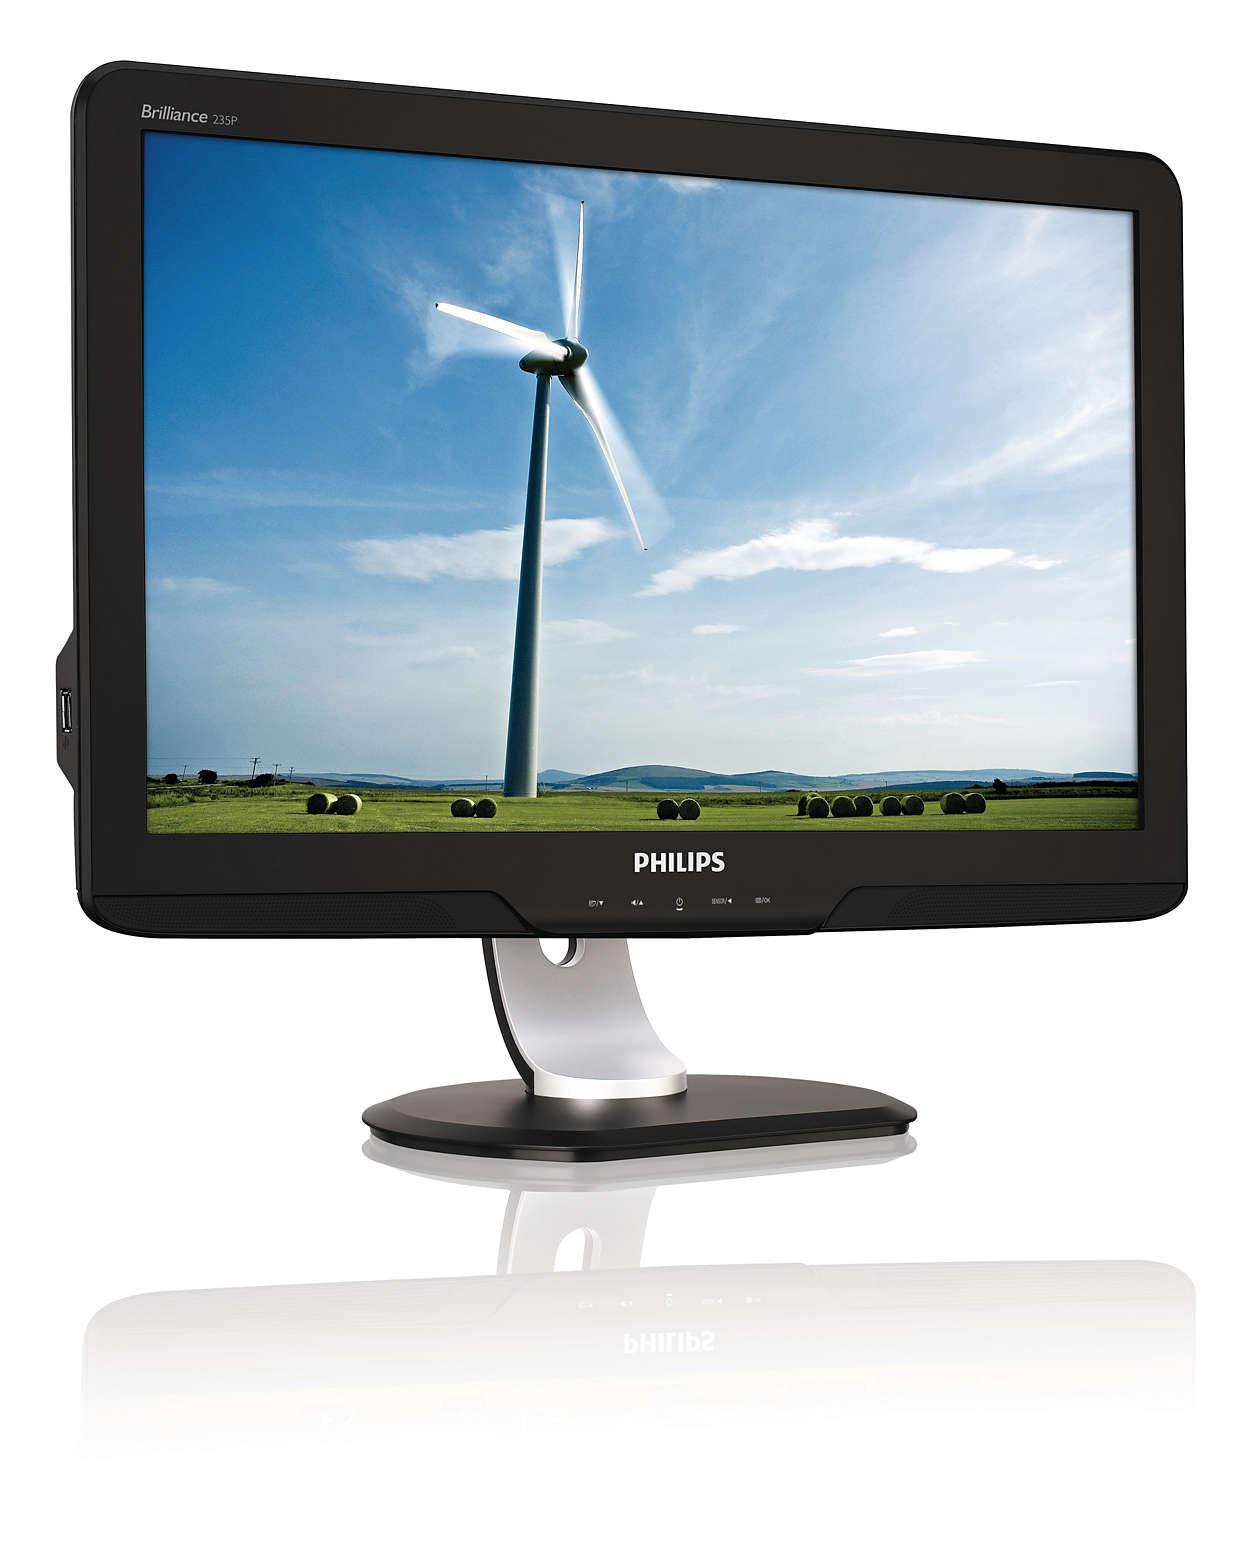 Le premier écran PowerSensor au monde économise l'énergie